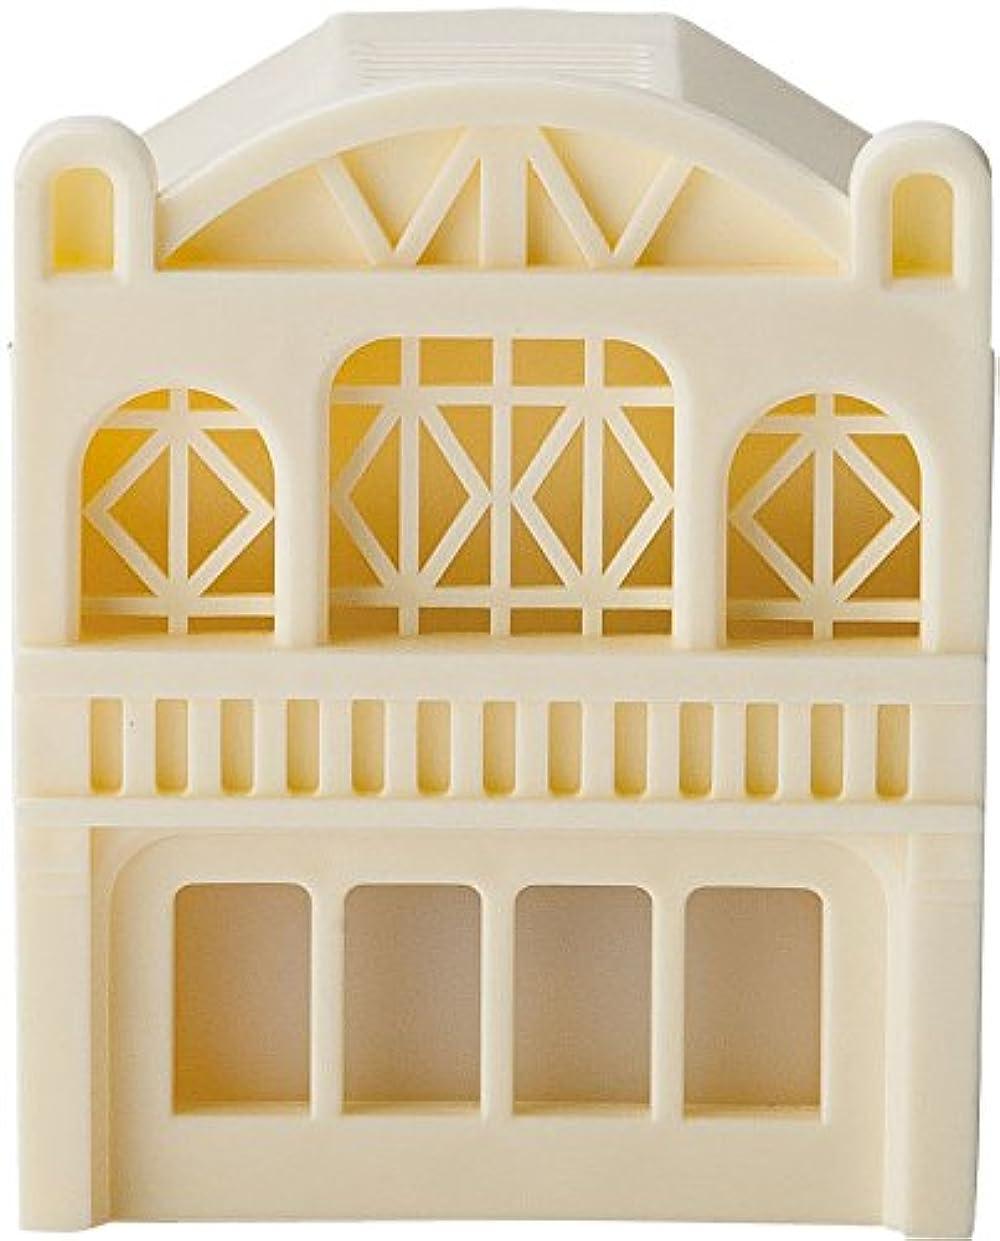 ラドンナ CUTENSIL AROMA HOUSE FAN (アロマハウスファン) CU01-AHF アイボリー